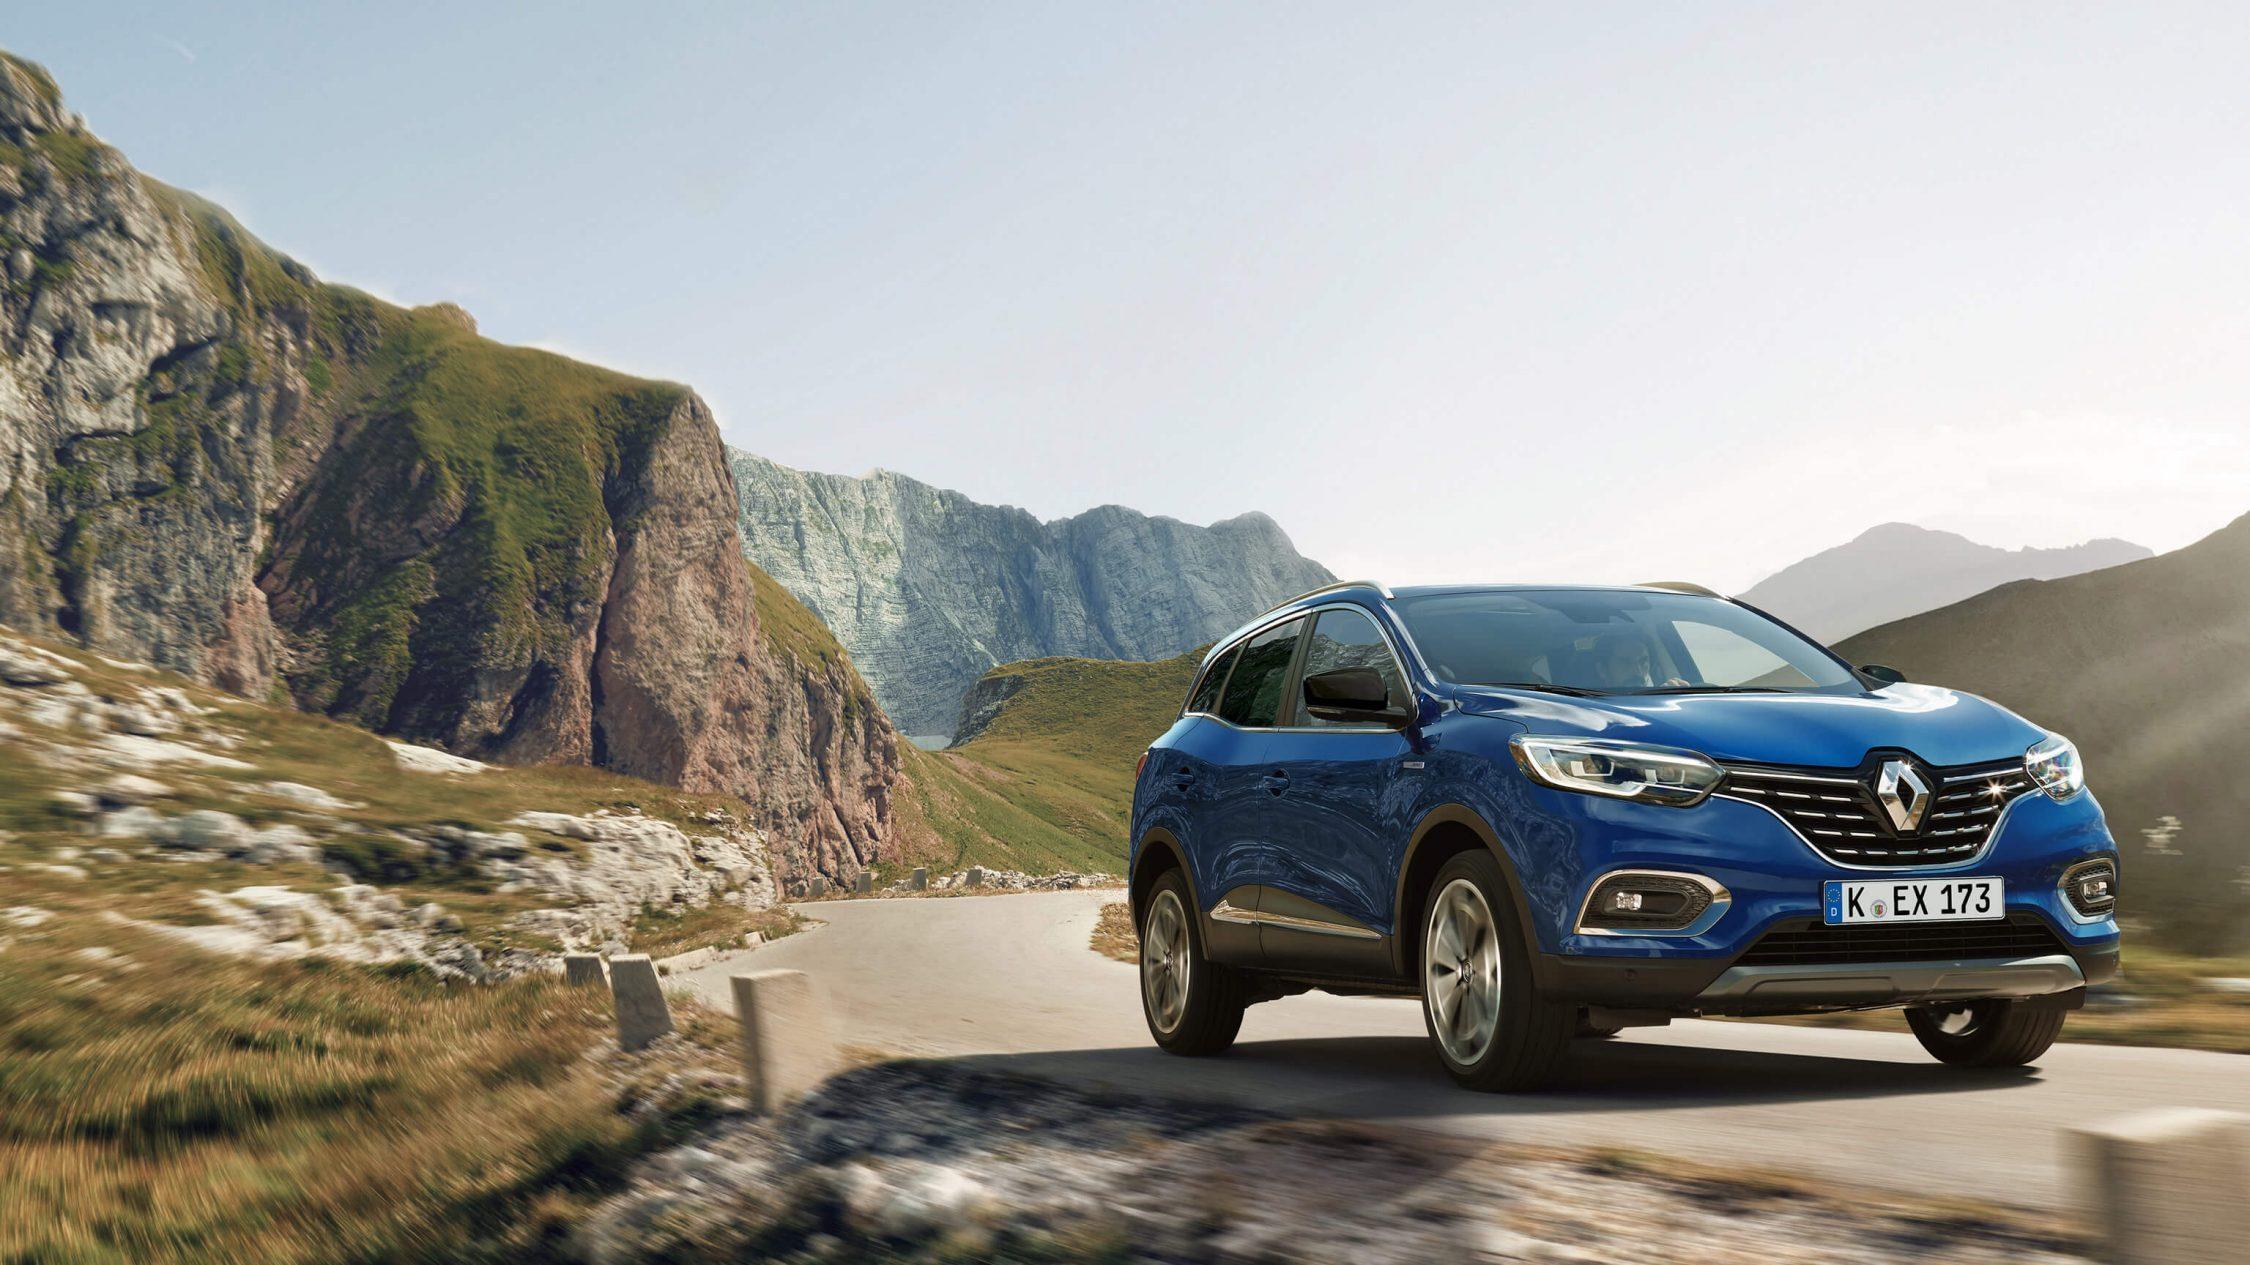 Frontansicht des neuen Kadjar Erfahrungen Renault Kadjar Bildquelle: Renault.de